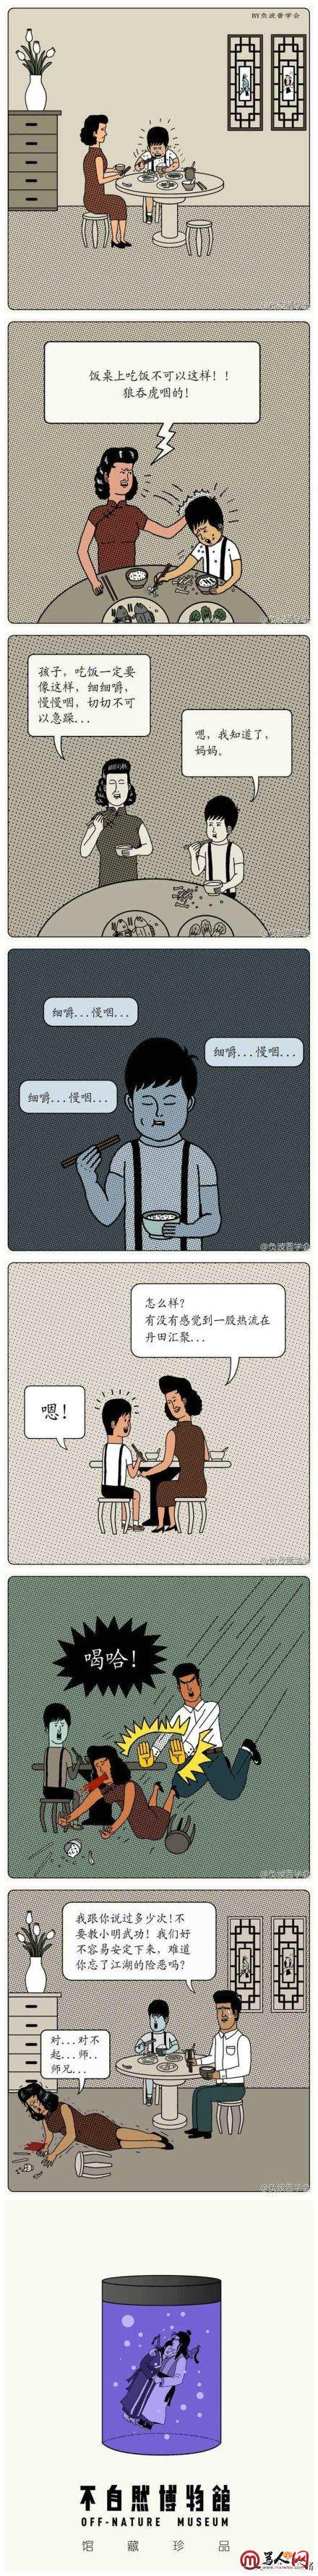 脑洞异常性感的国产漫画,不容错过 [搞笑吧www.hugao8.com]